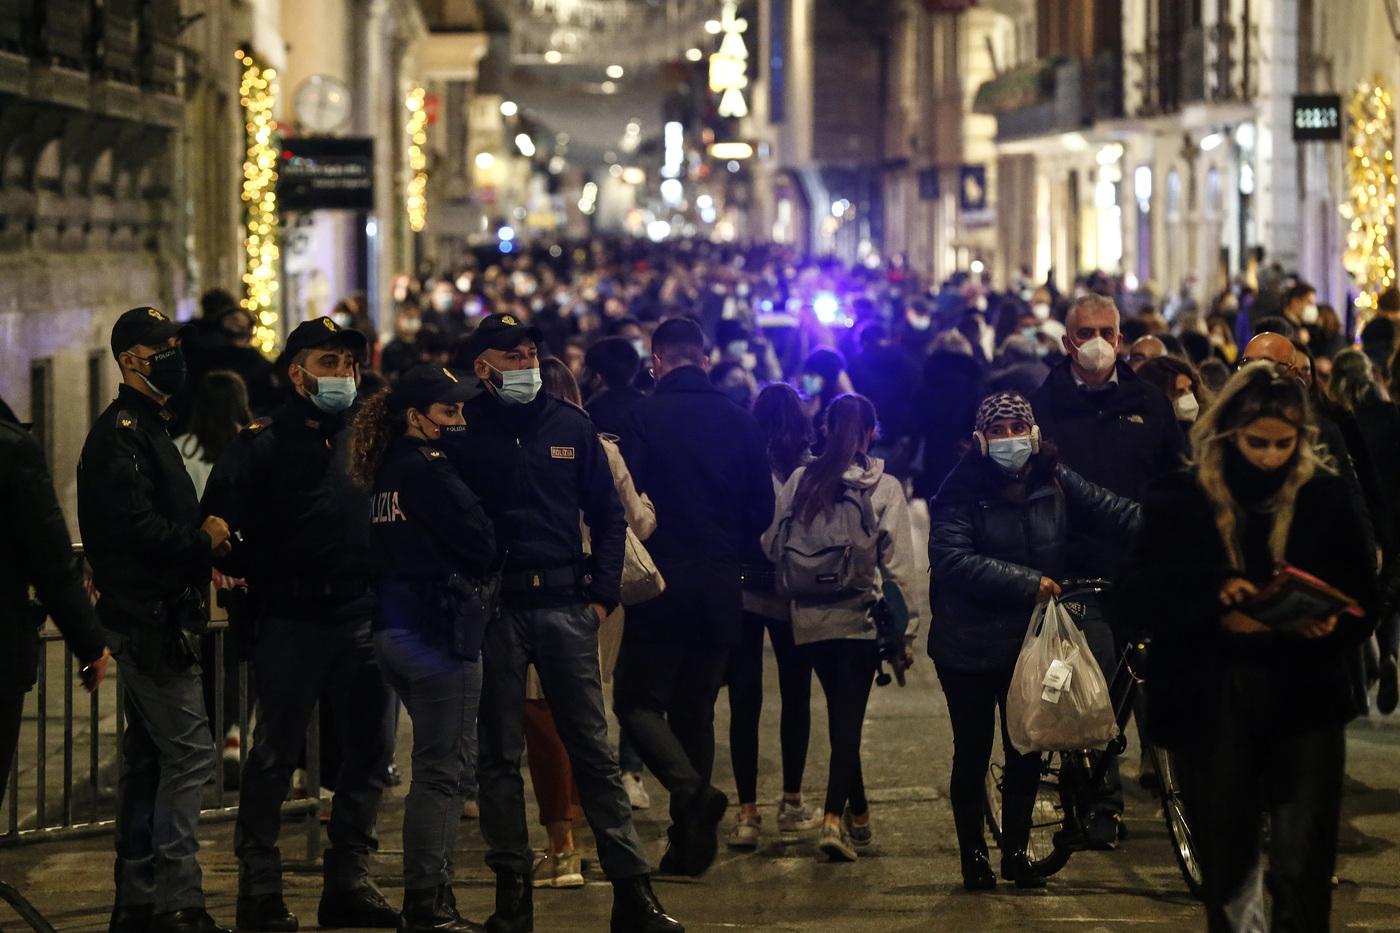 Da oggi l'Italia è di nuovo arancione: ecco cosa cambia e cosa si potrà fare e non